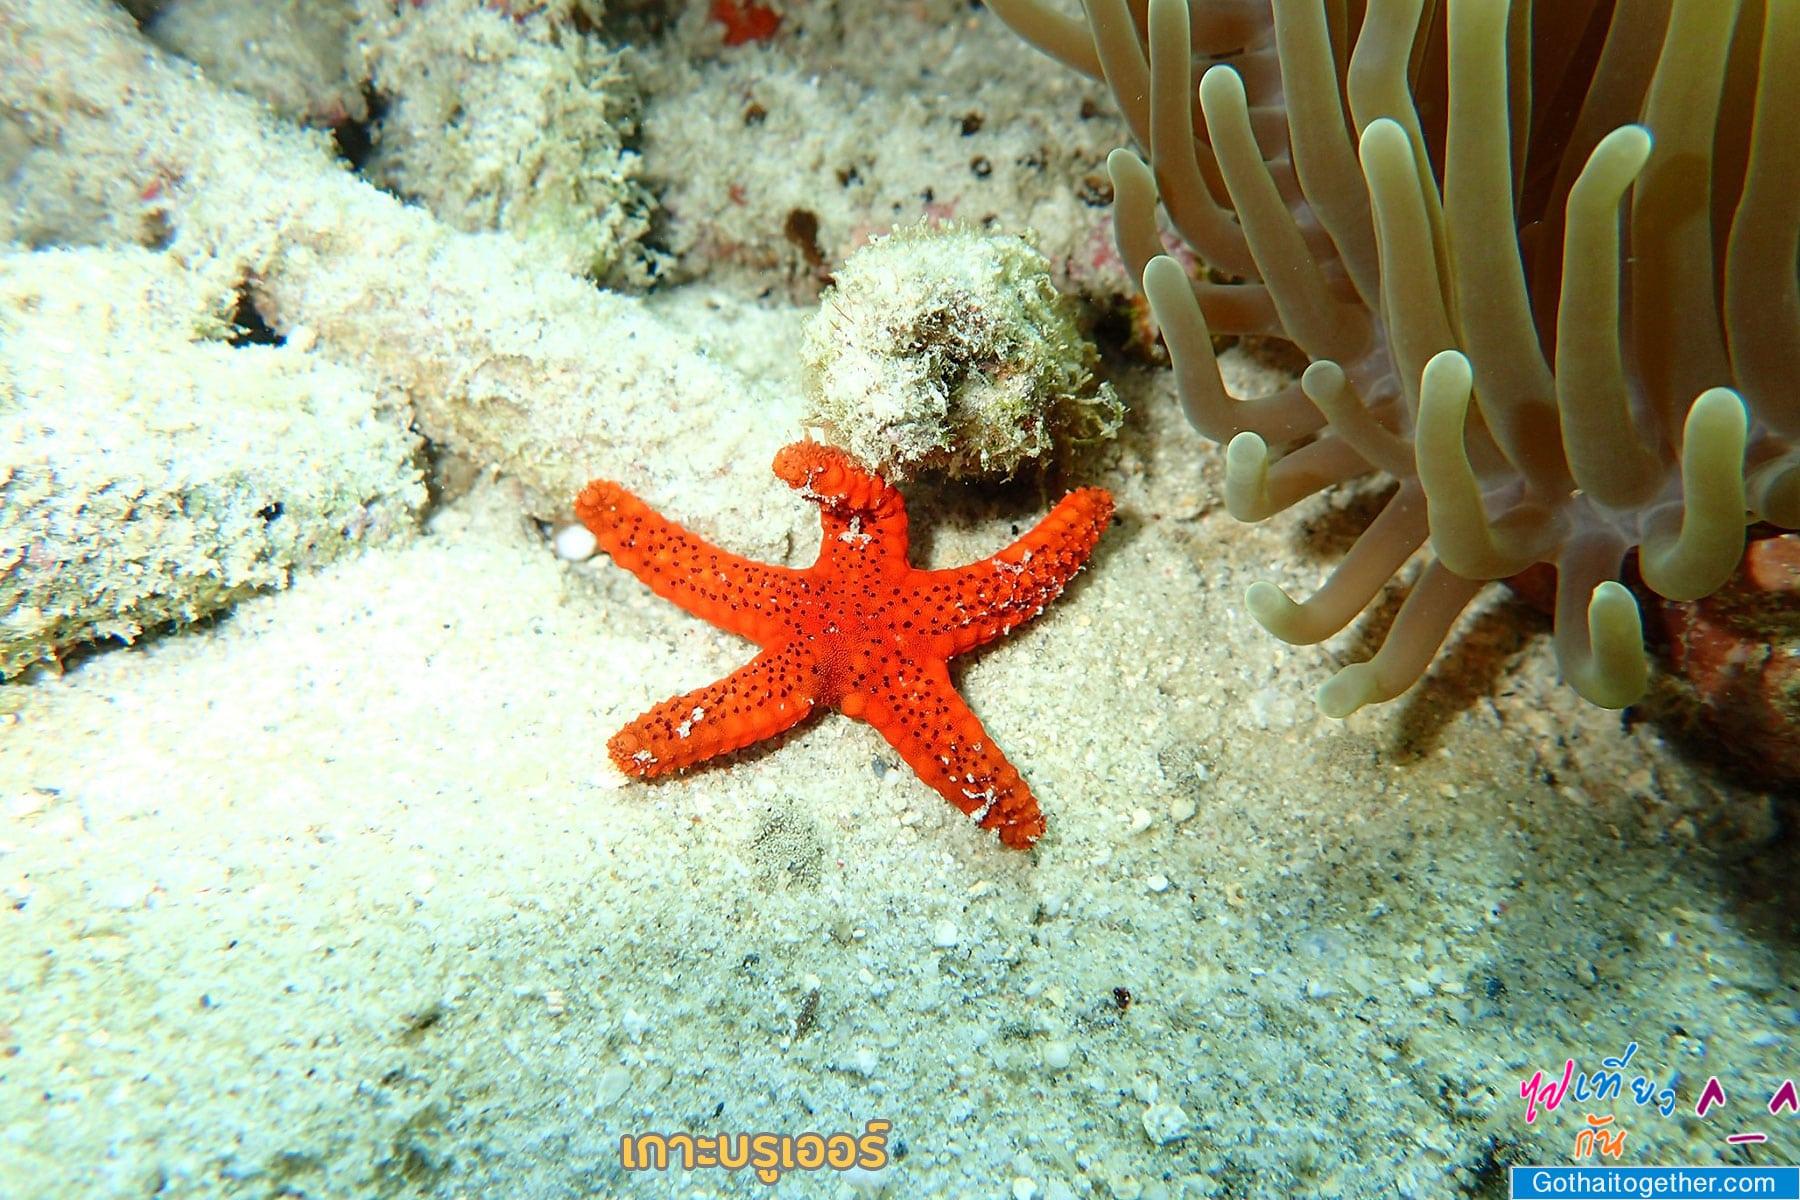 เกาะบรูเออร์ โลกใต้ทะเล สดใหม่ อันสวยงาม สายดำน้ำควรต้องมาเช็คอิน 51